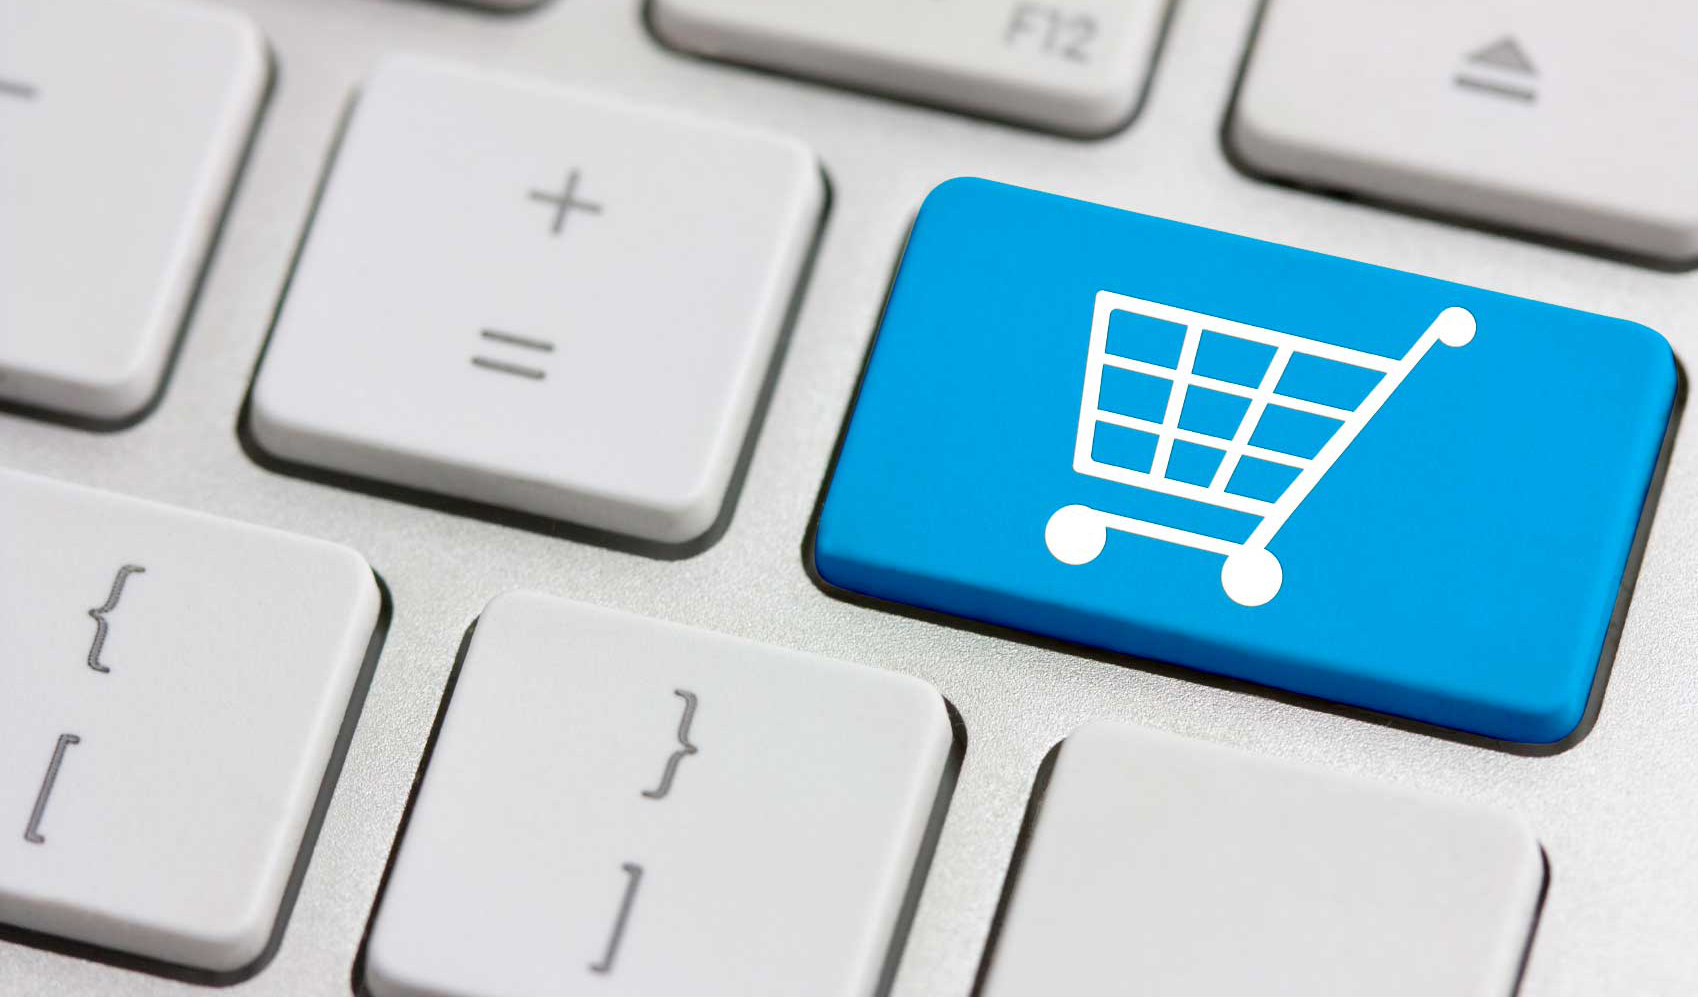 Заказать беговел, батут, бассейн в интернет-магазине zabava-shop.by!